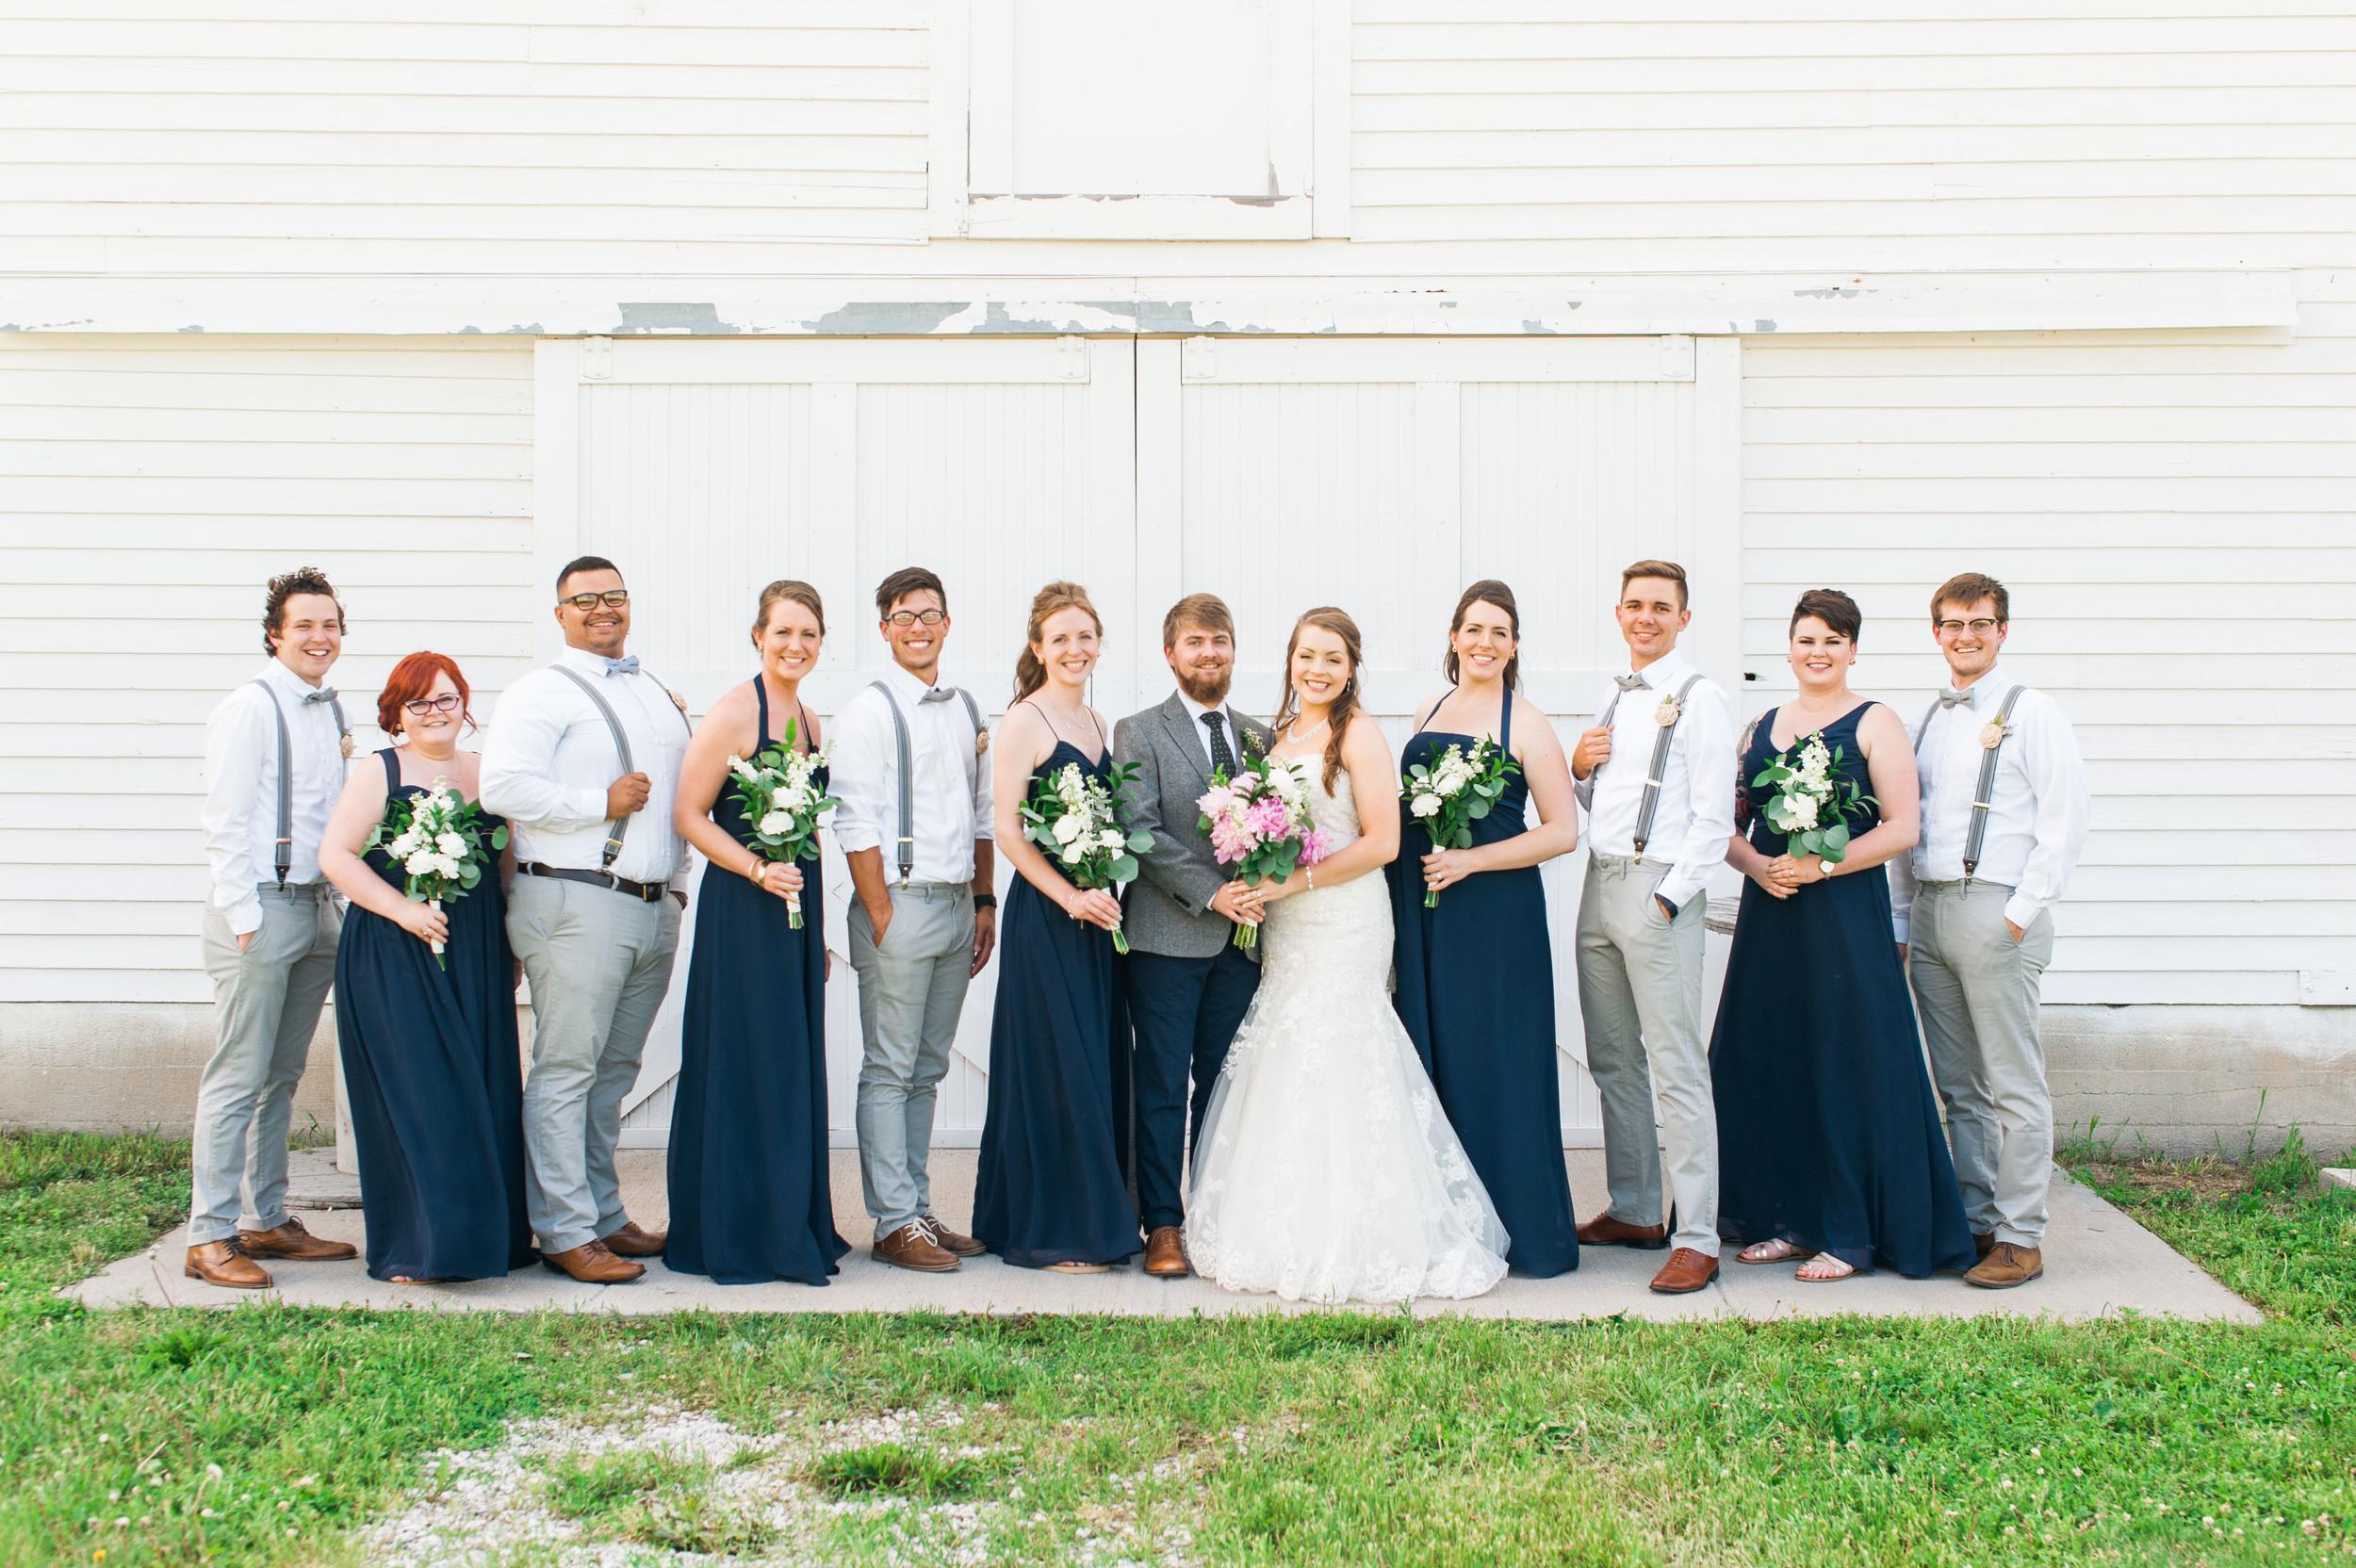 barn-wedding-49.jpg